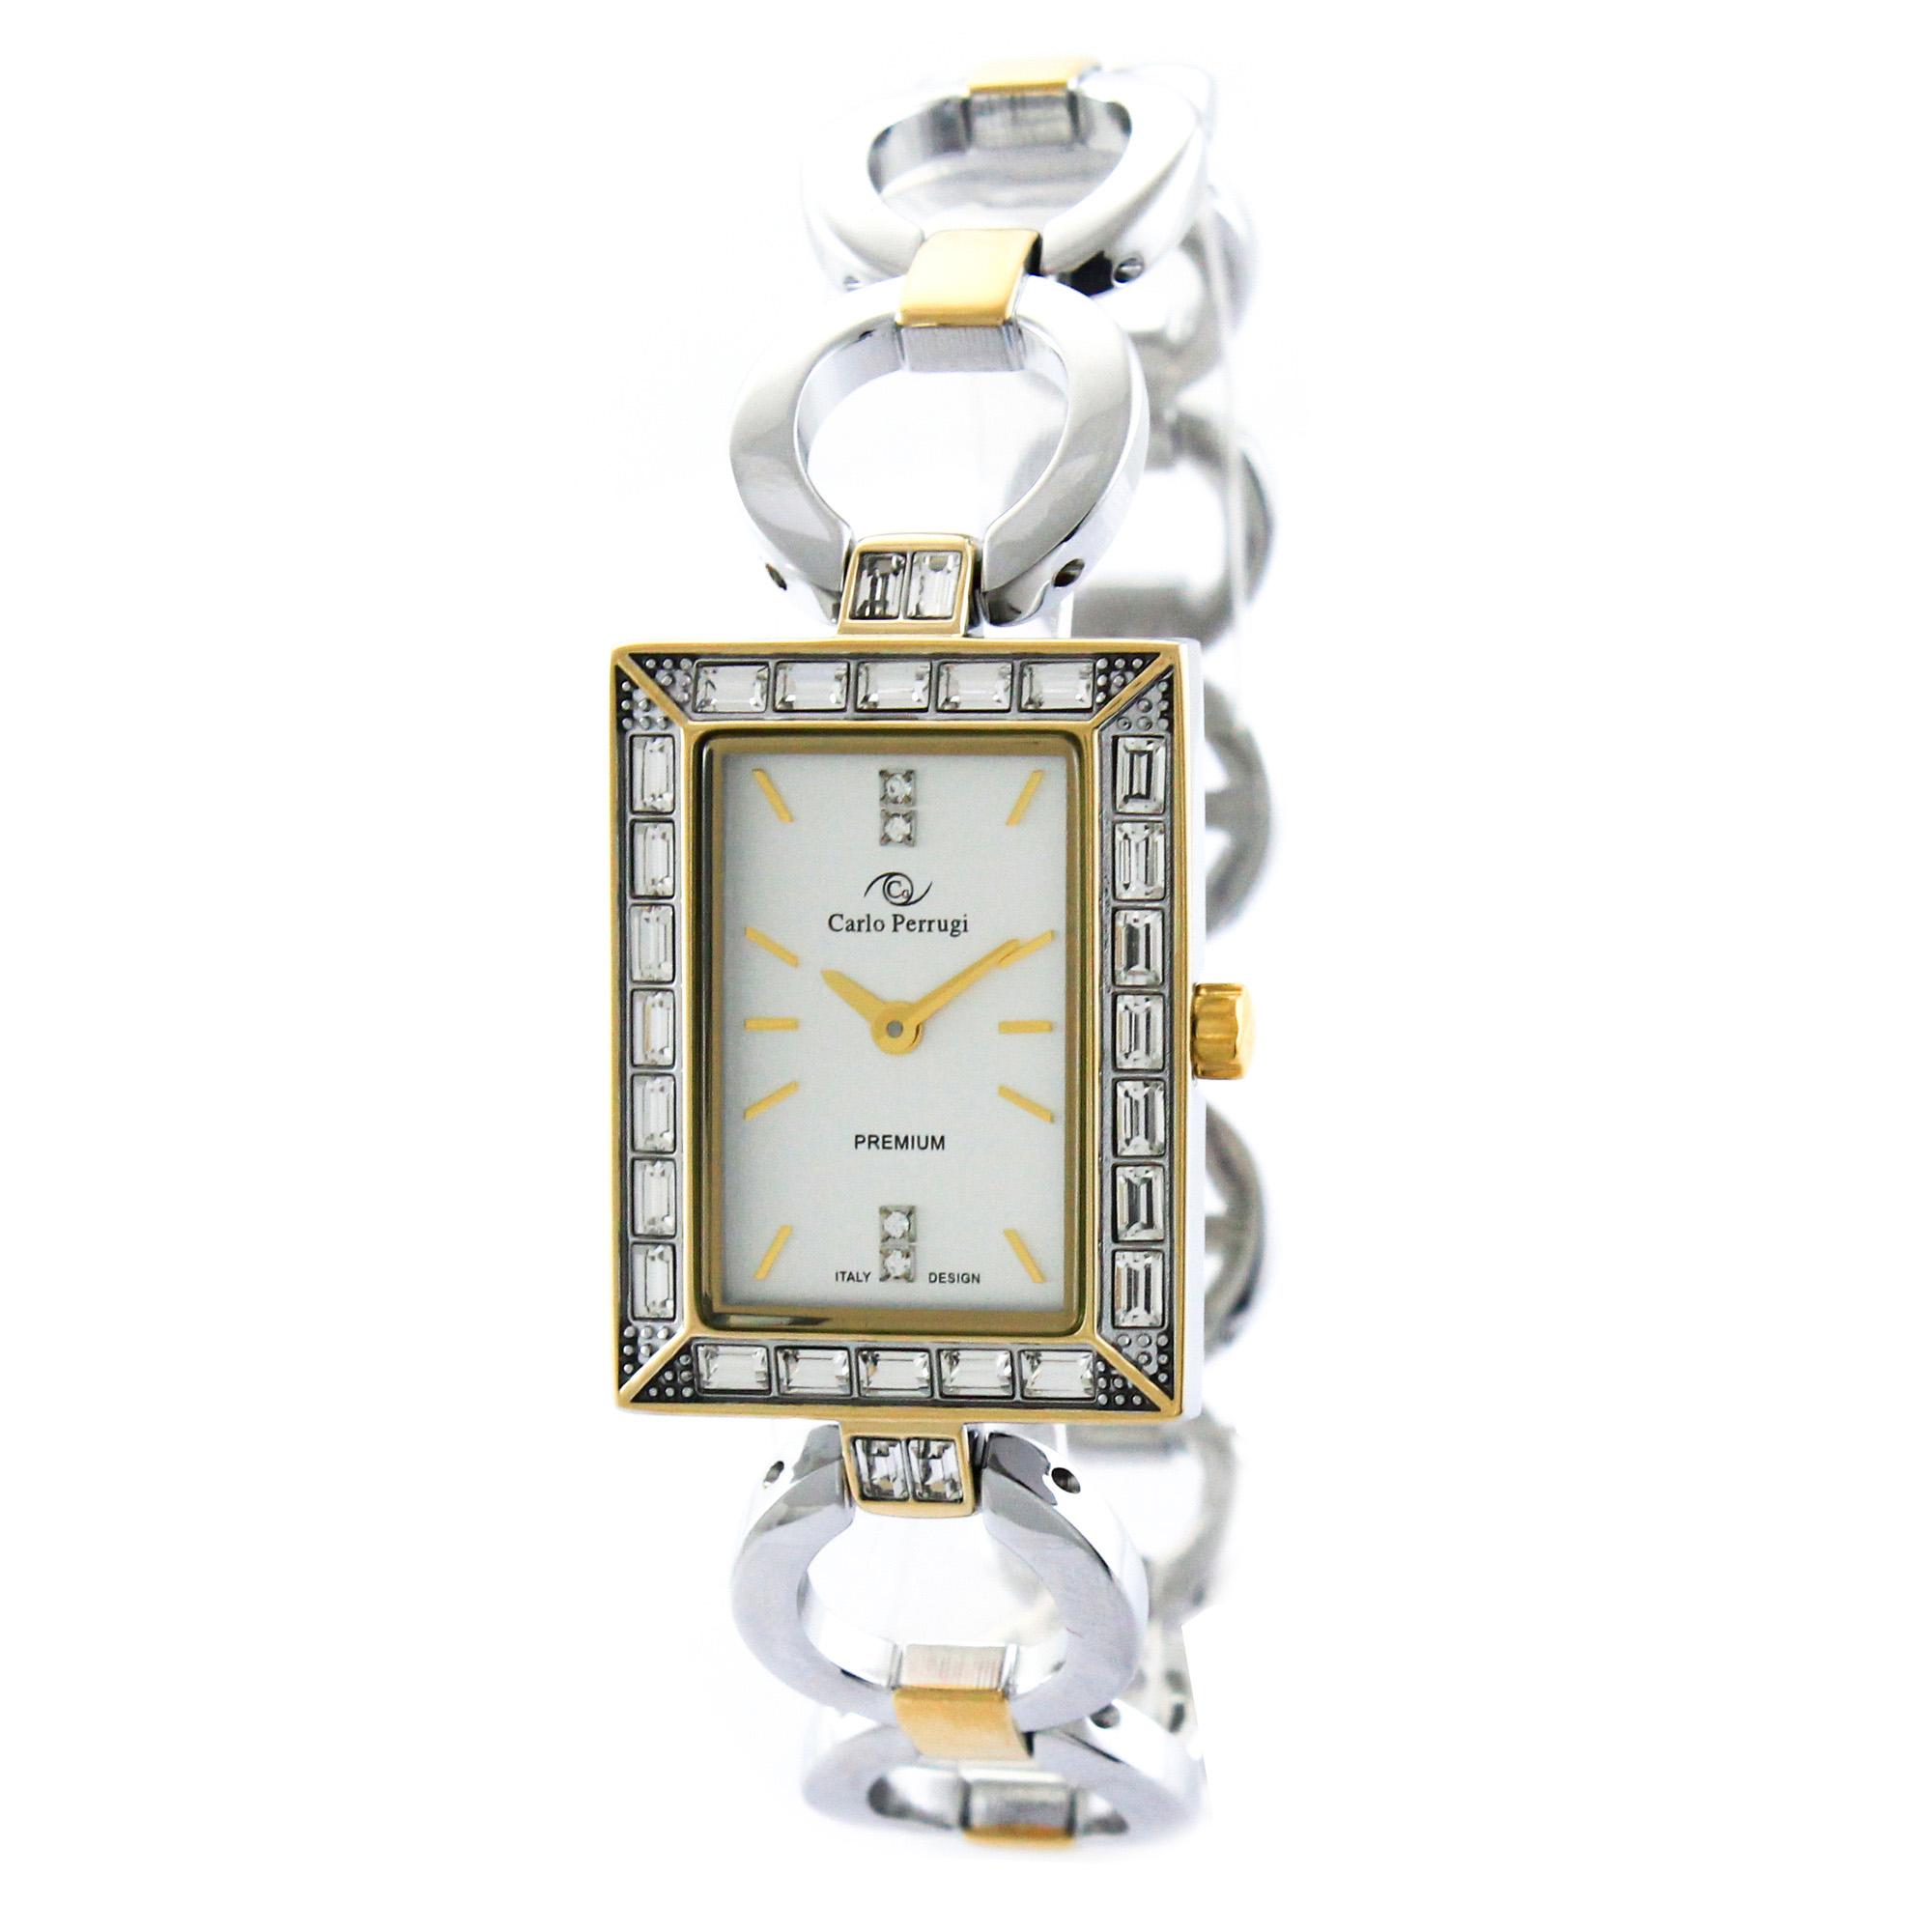 ساعت زنانه برند کارلو پروجی مدل SL002008-3